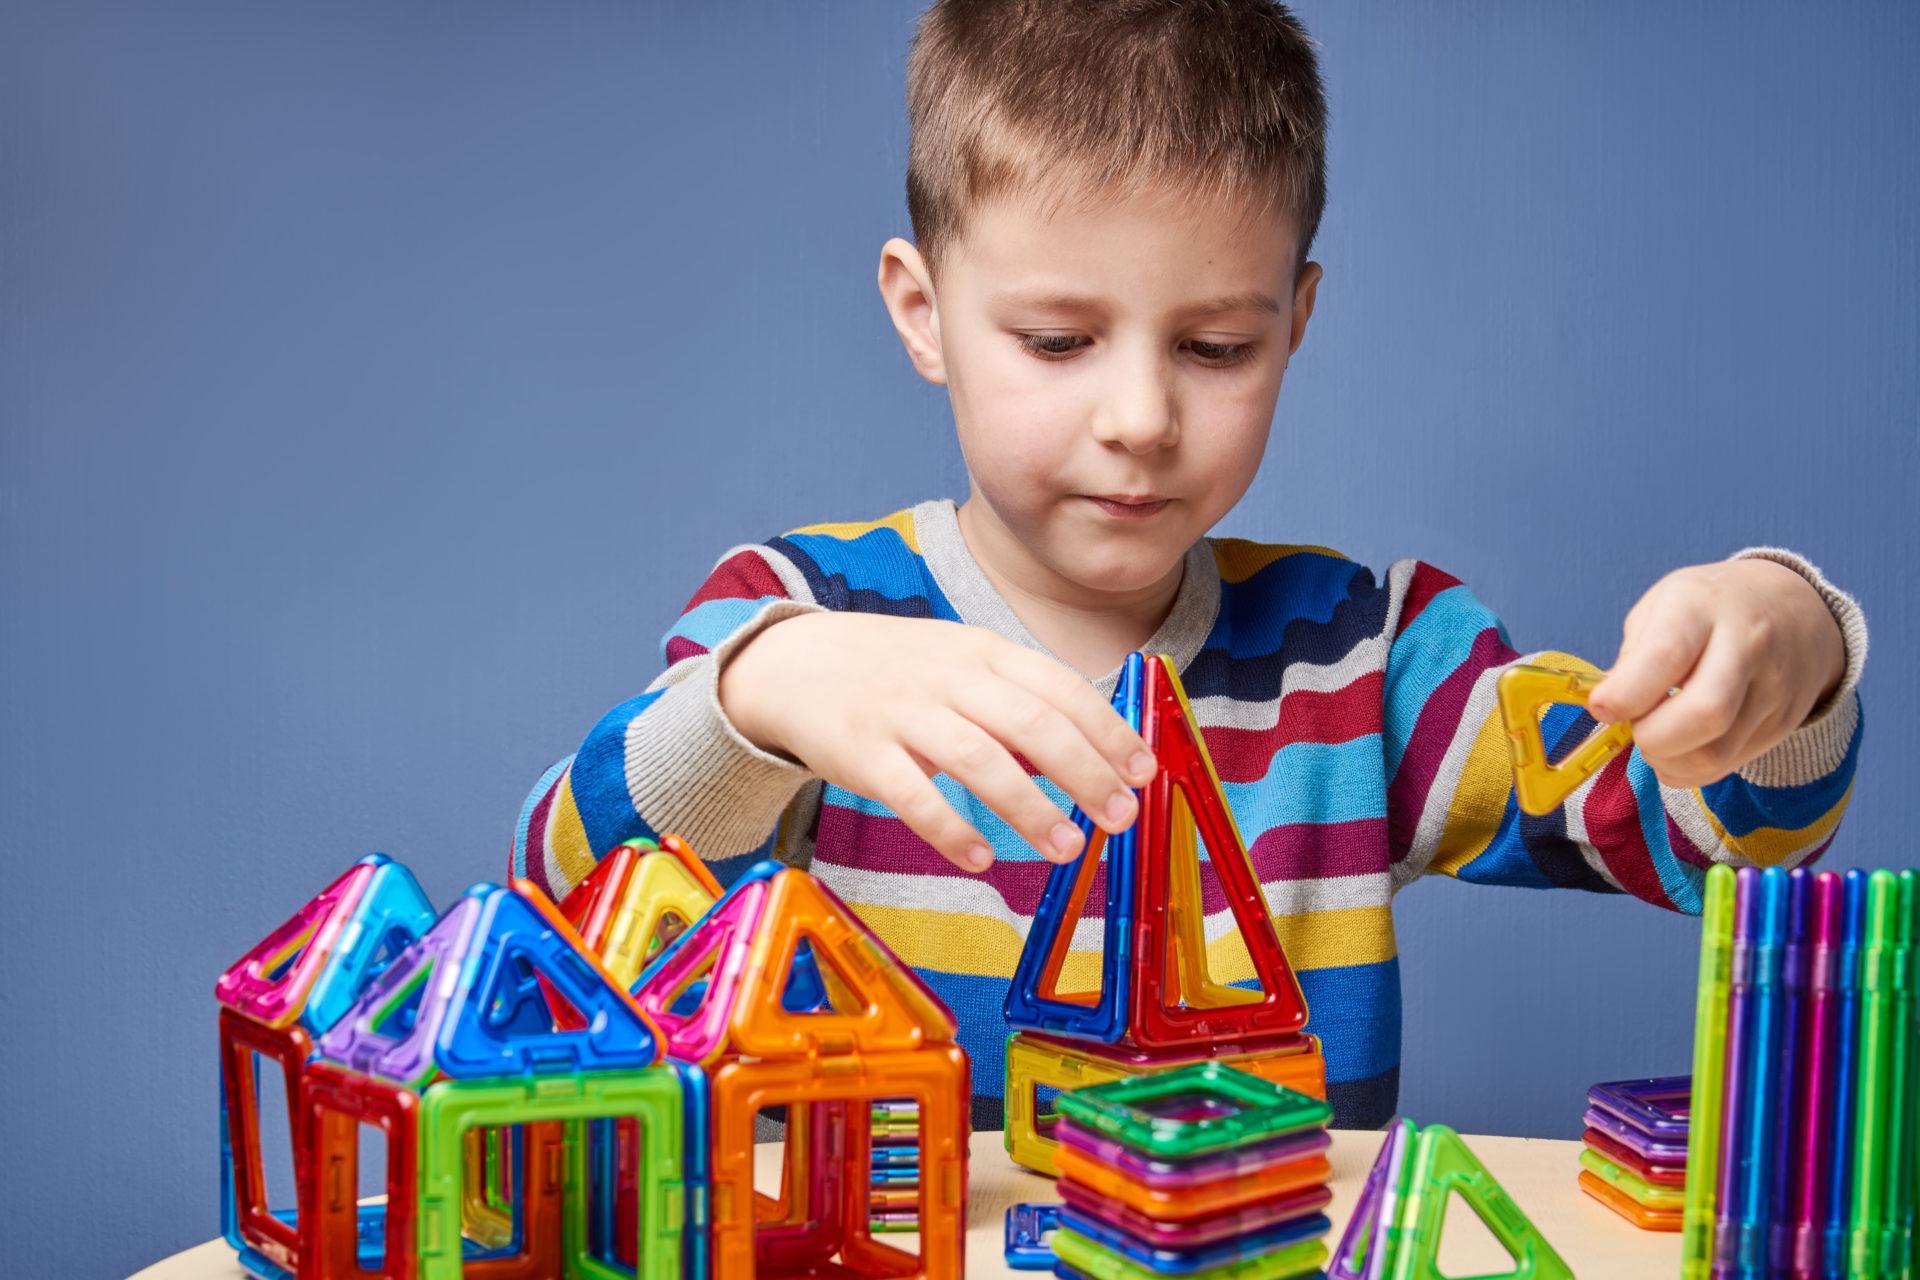 Idées Cadeau Anniversaire Garçon De 6 Ans, 7 Ans, 8 Ans, 9 pour Jeux Educatif 9 Ans